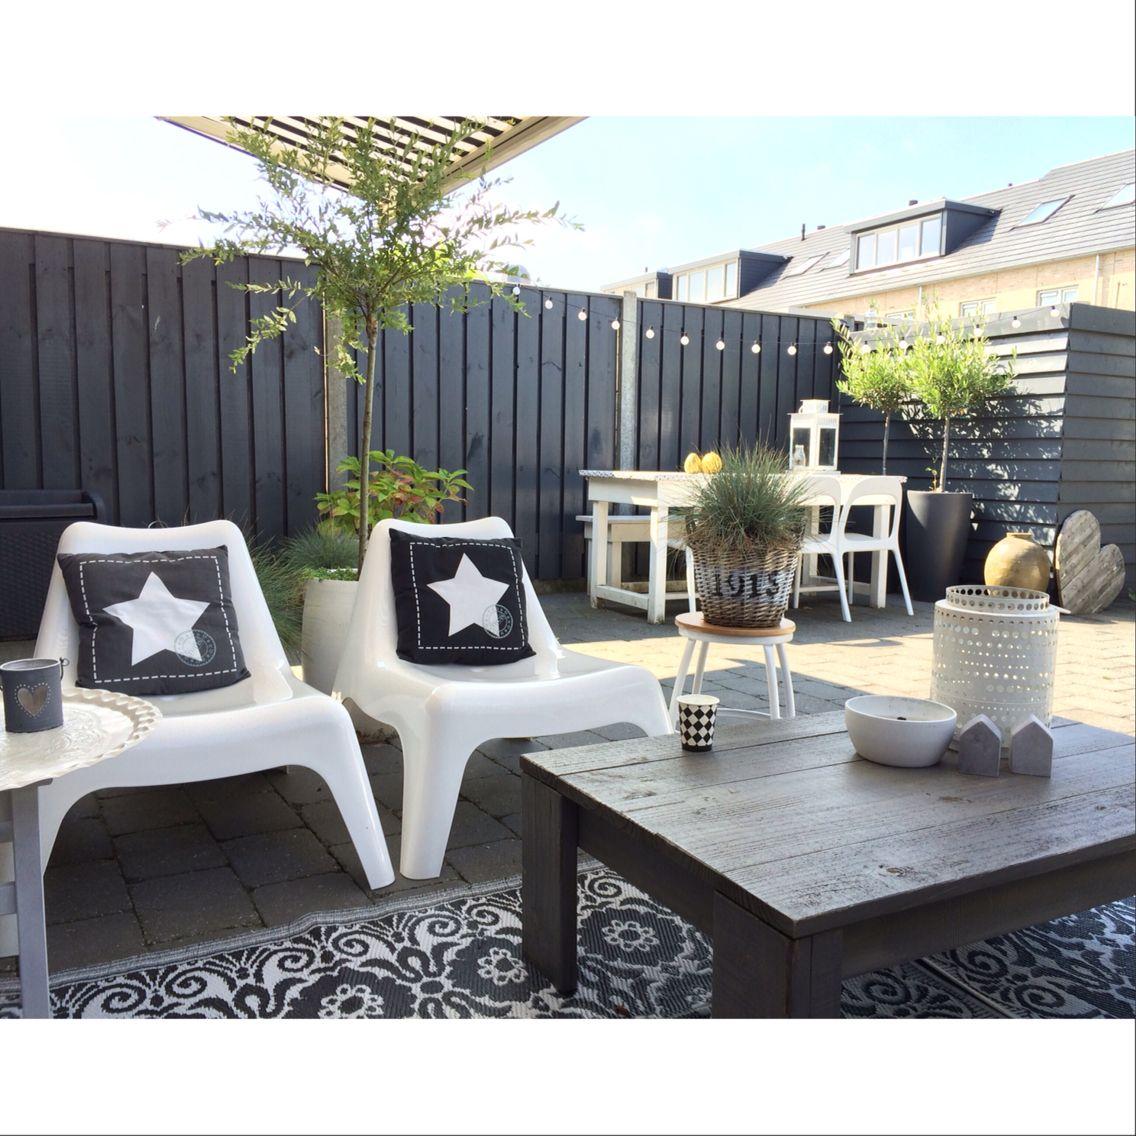 terrasse f r jugendliche traumhaus pinterest jugendliche terrasse und g rten. Black Bedroom Furniture Sets. Home Design Ideas